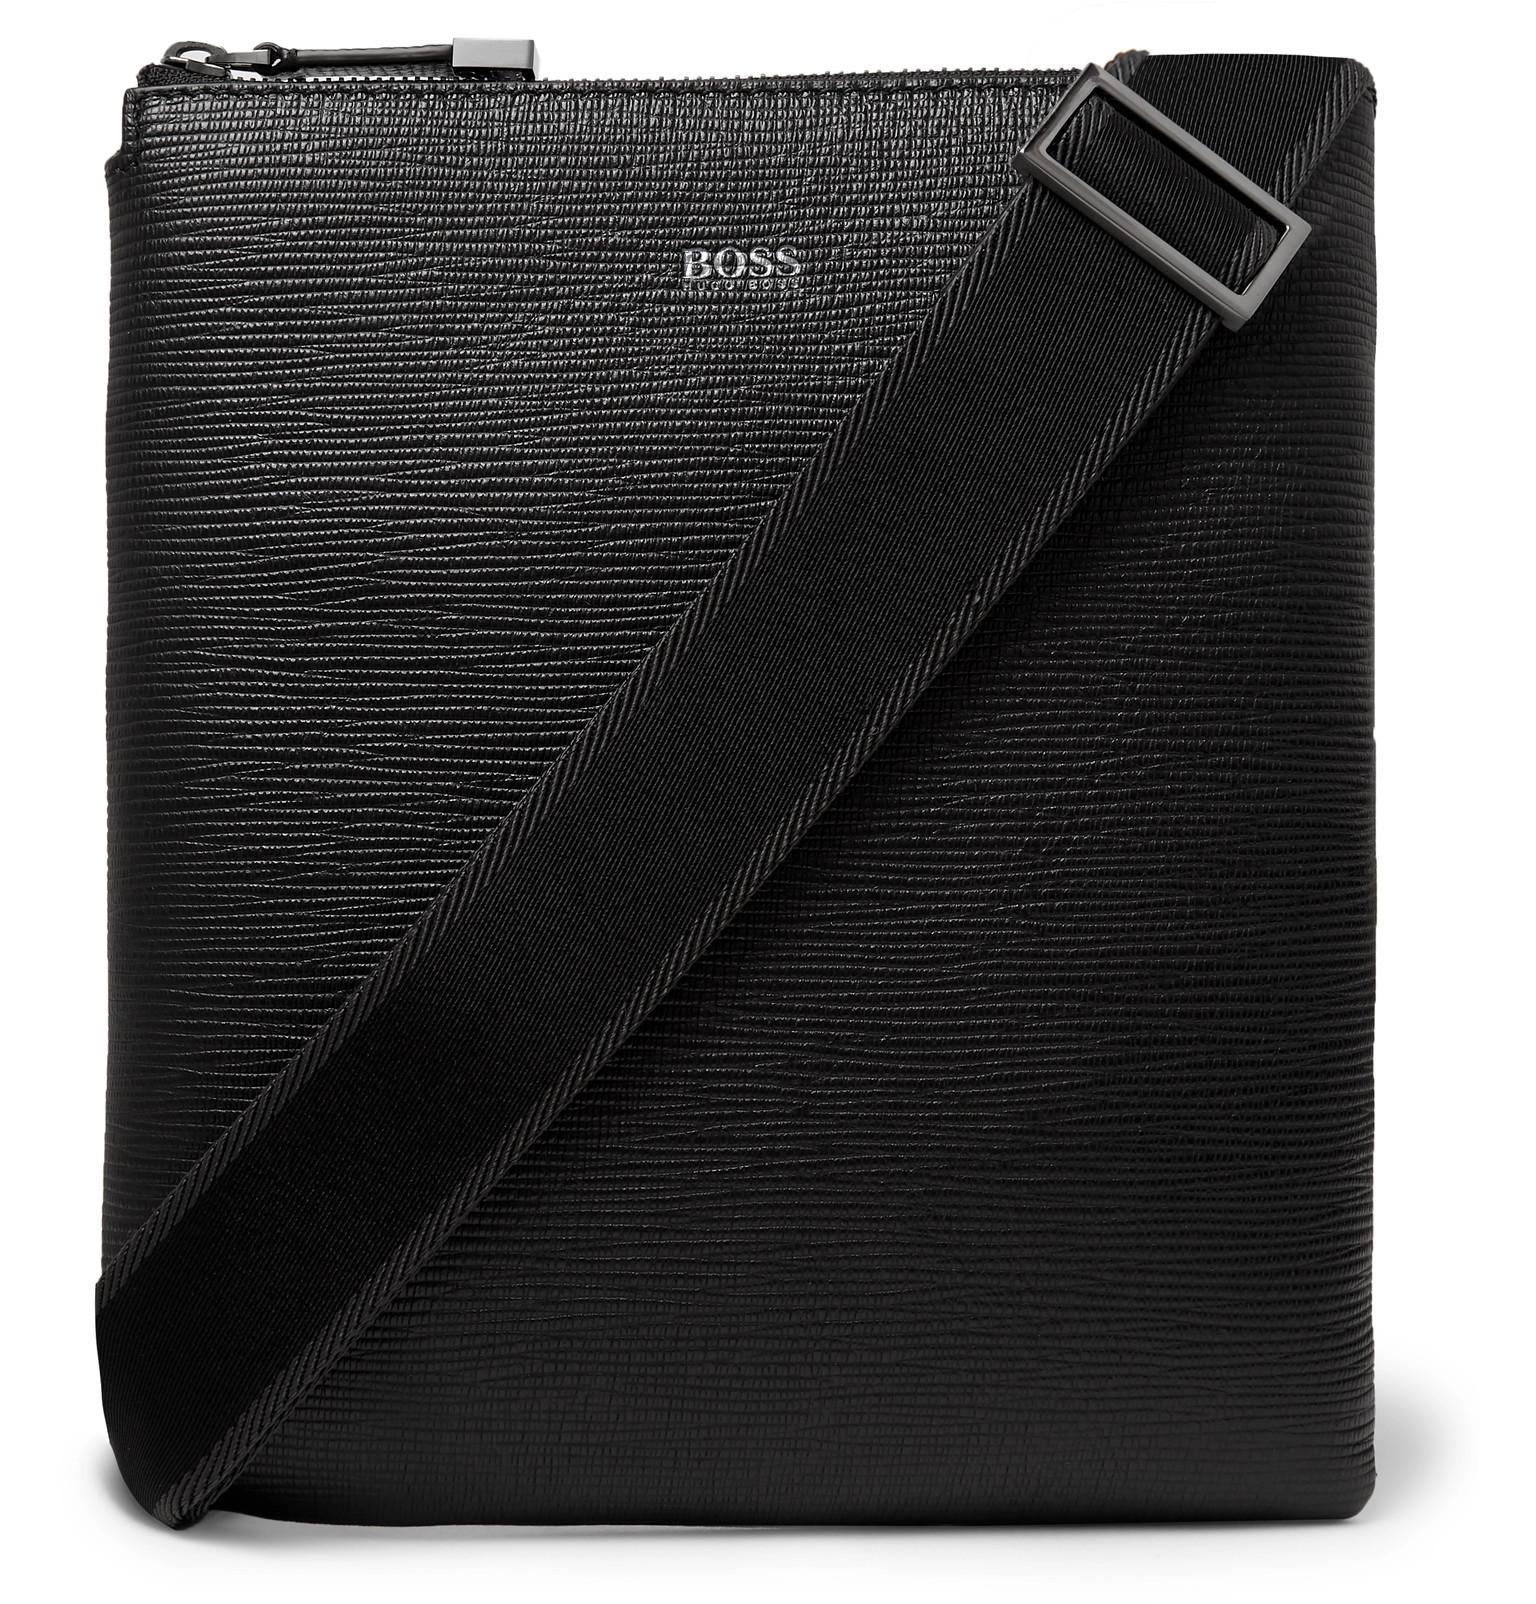 08320a199f BOSS Cross-grain Leather Messenger Bag in Black for Men - Lyst